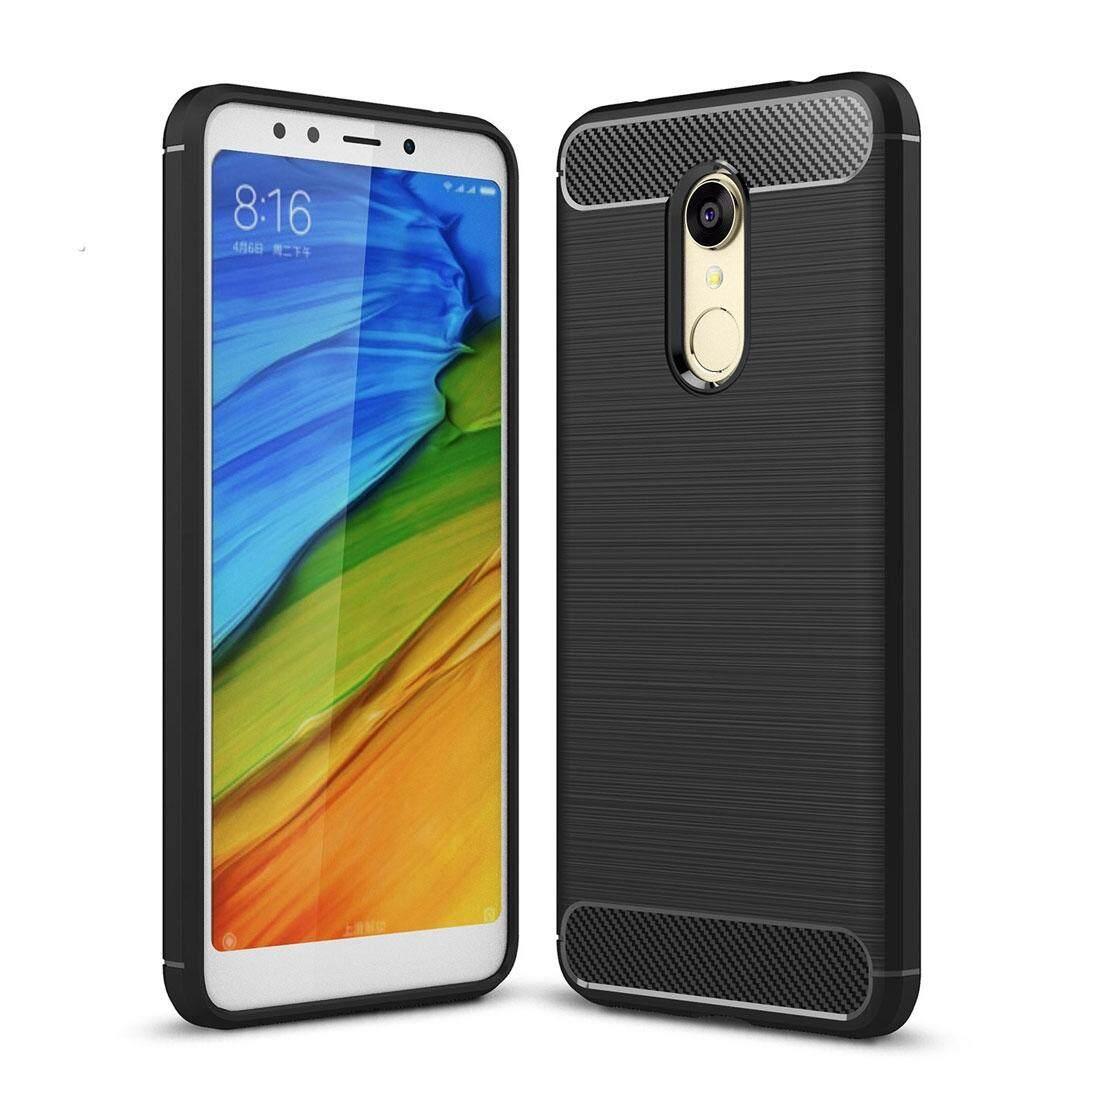 ซื้อ Xiaomi Redmi 5 Brushed Texture Carbon Fiber Shockproof Tpu Rugged Armor Protective Case Black Intl ฮ่องกง